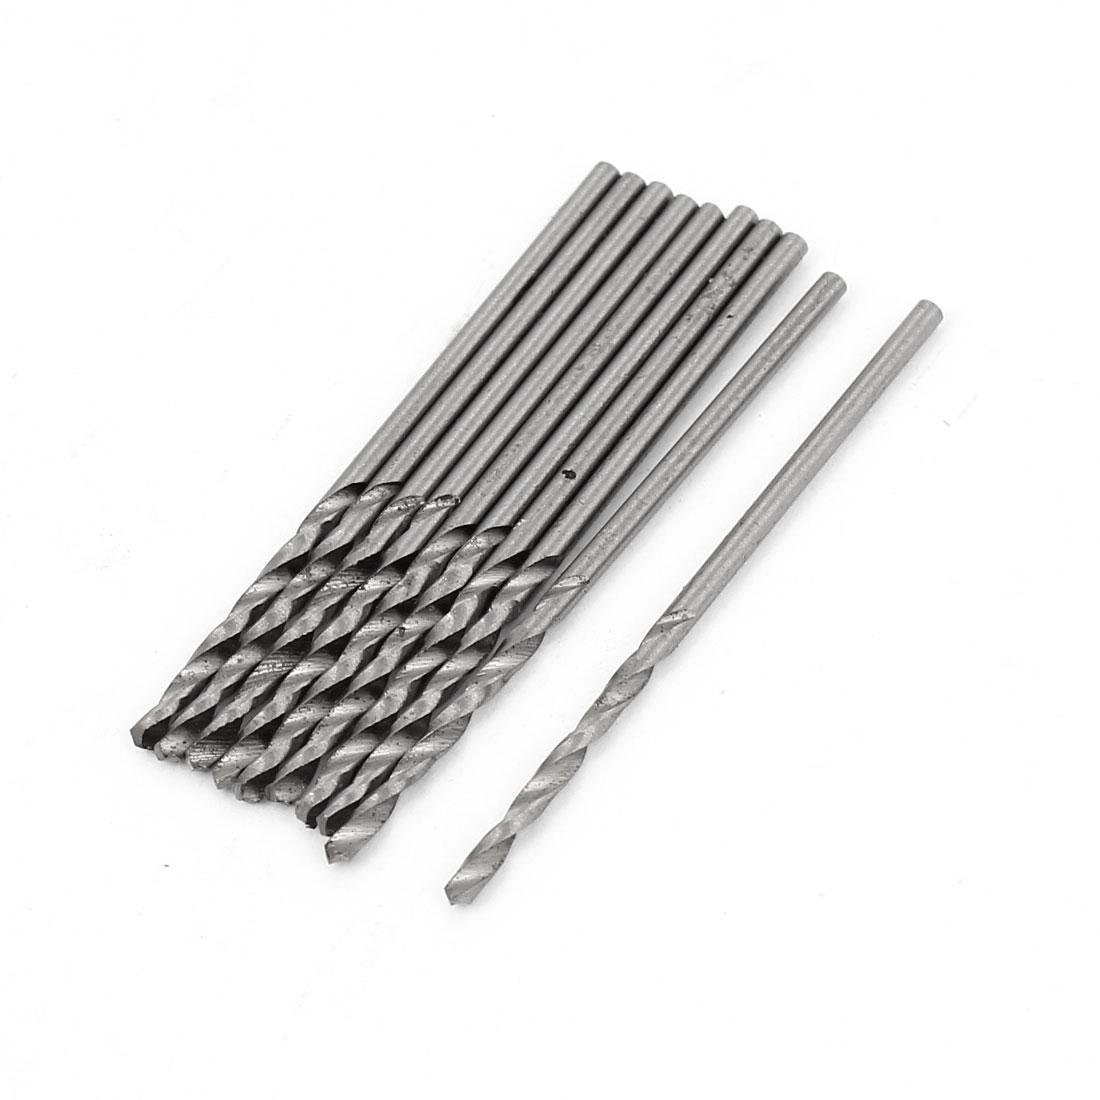 High Speed Steel 1.4mm Dia Split Point 39mm Long Twist Drill Bits 10 Pcs